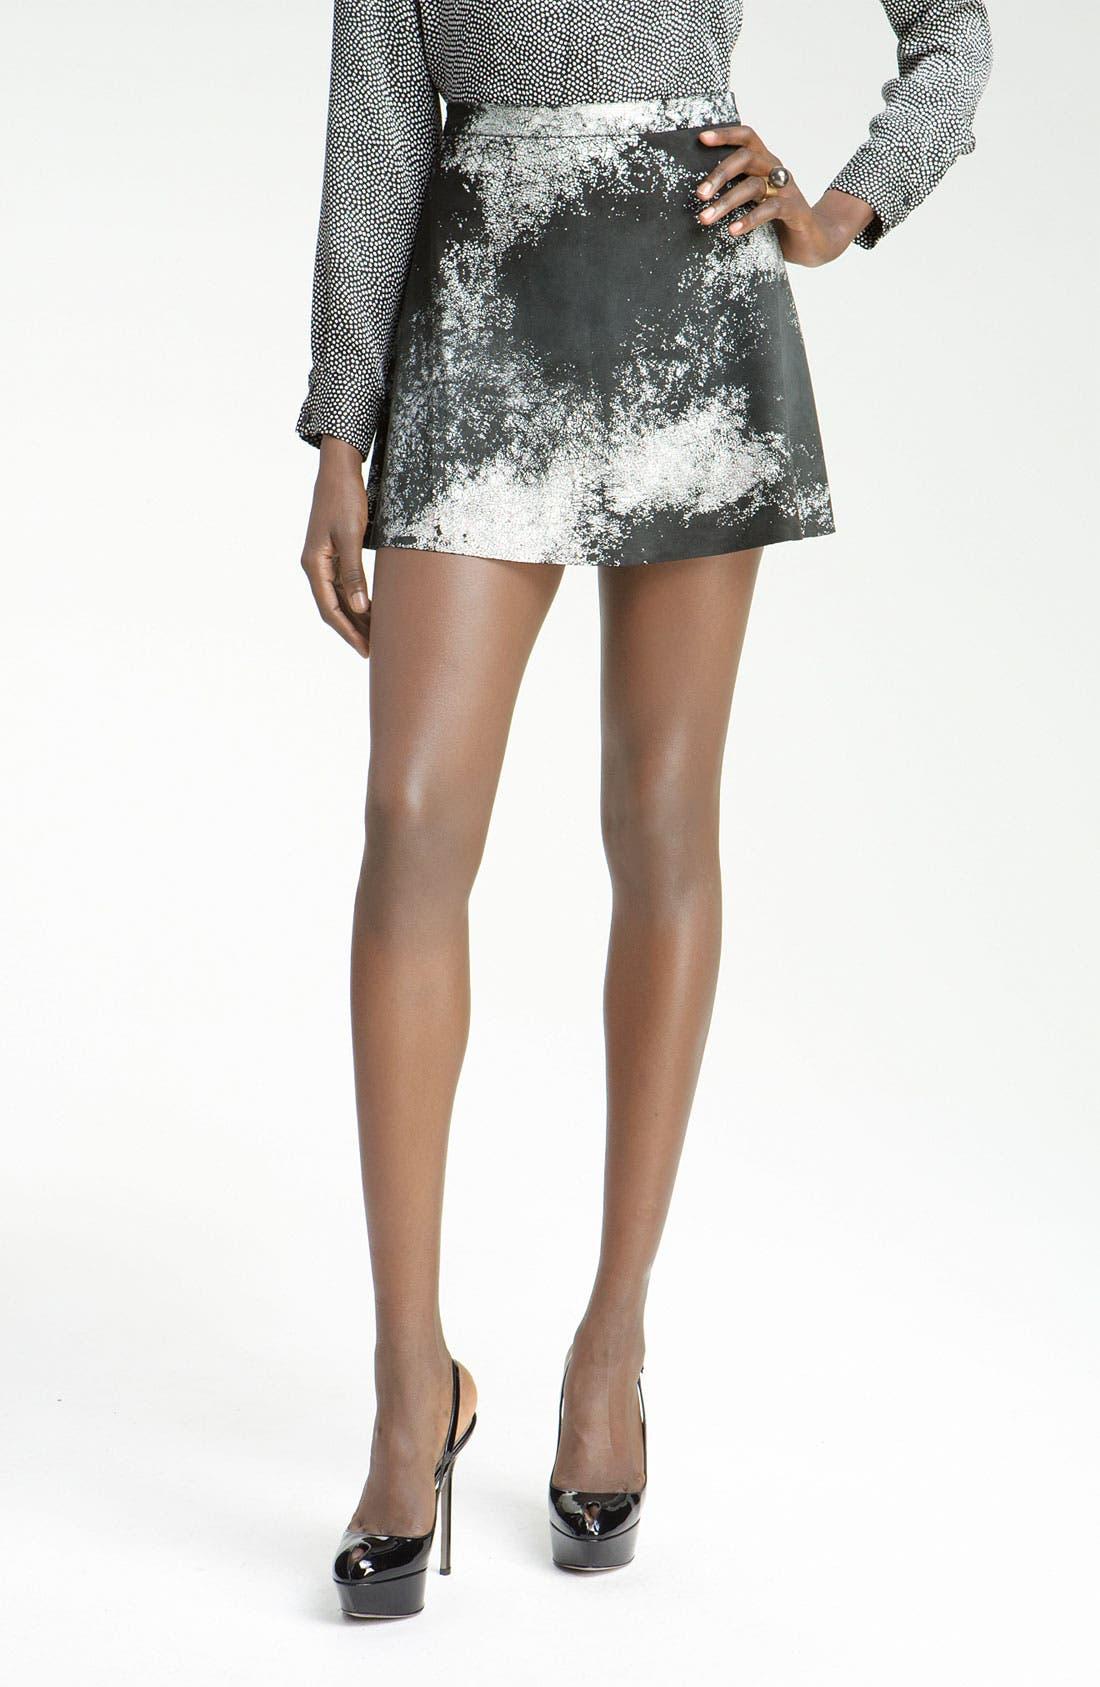 Alternate Image 1 Selected - Kelly Wearstler 'Swagger' Print Leather Skirt